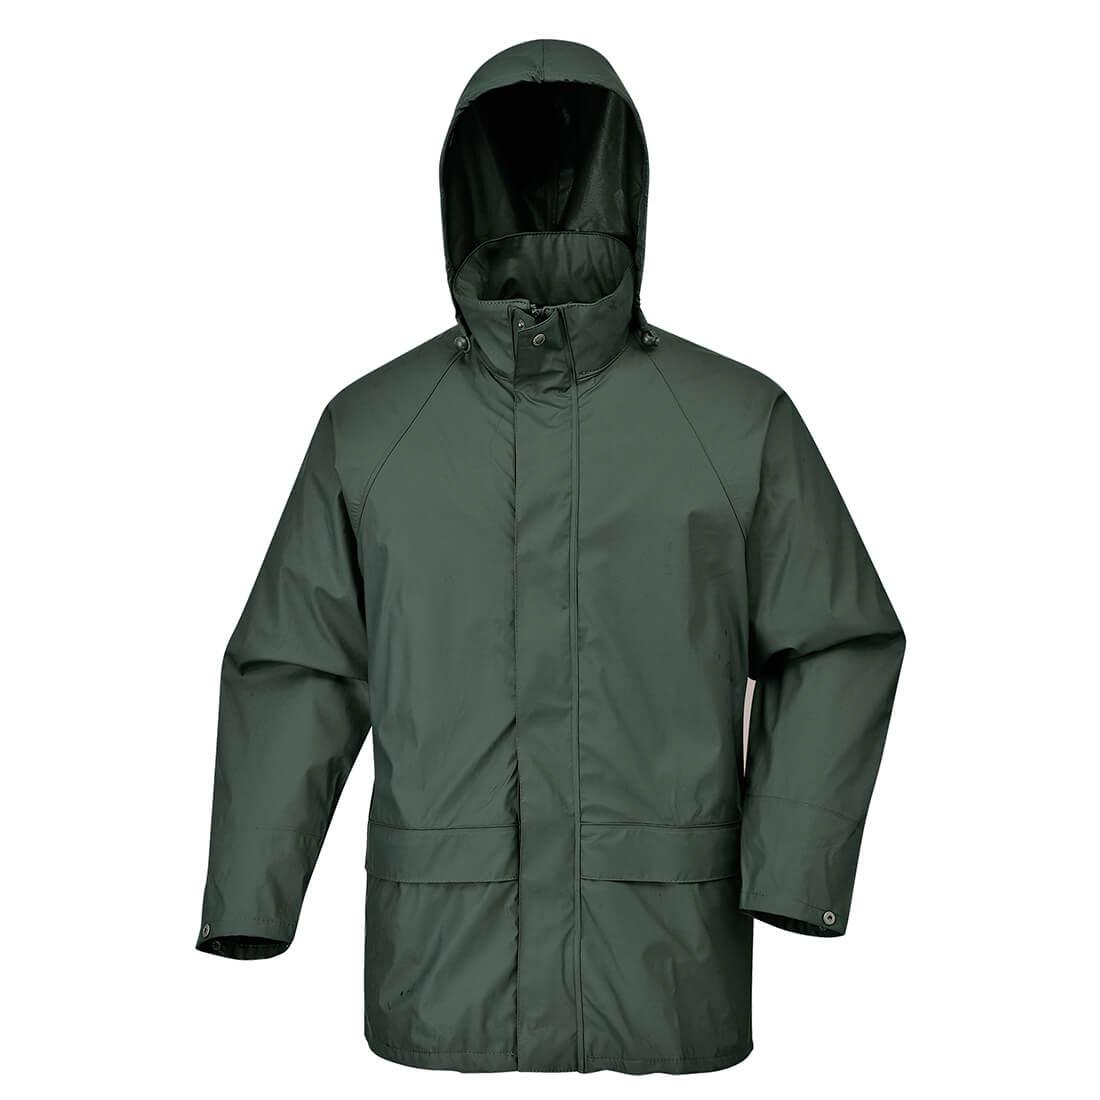 Image of Sealtex Air Waterproof Jacket Olive 2XL